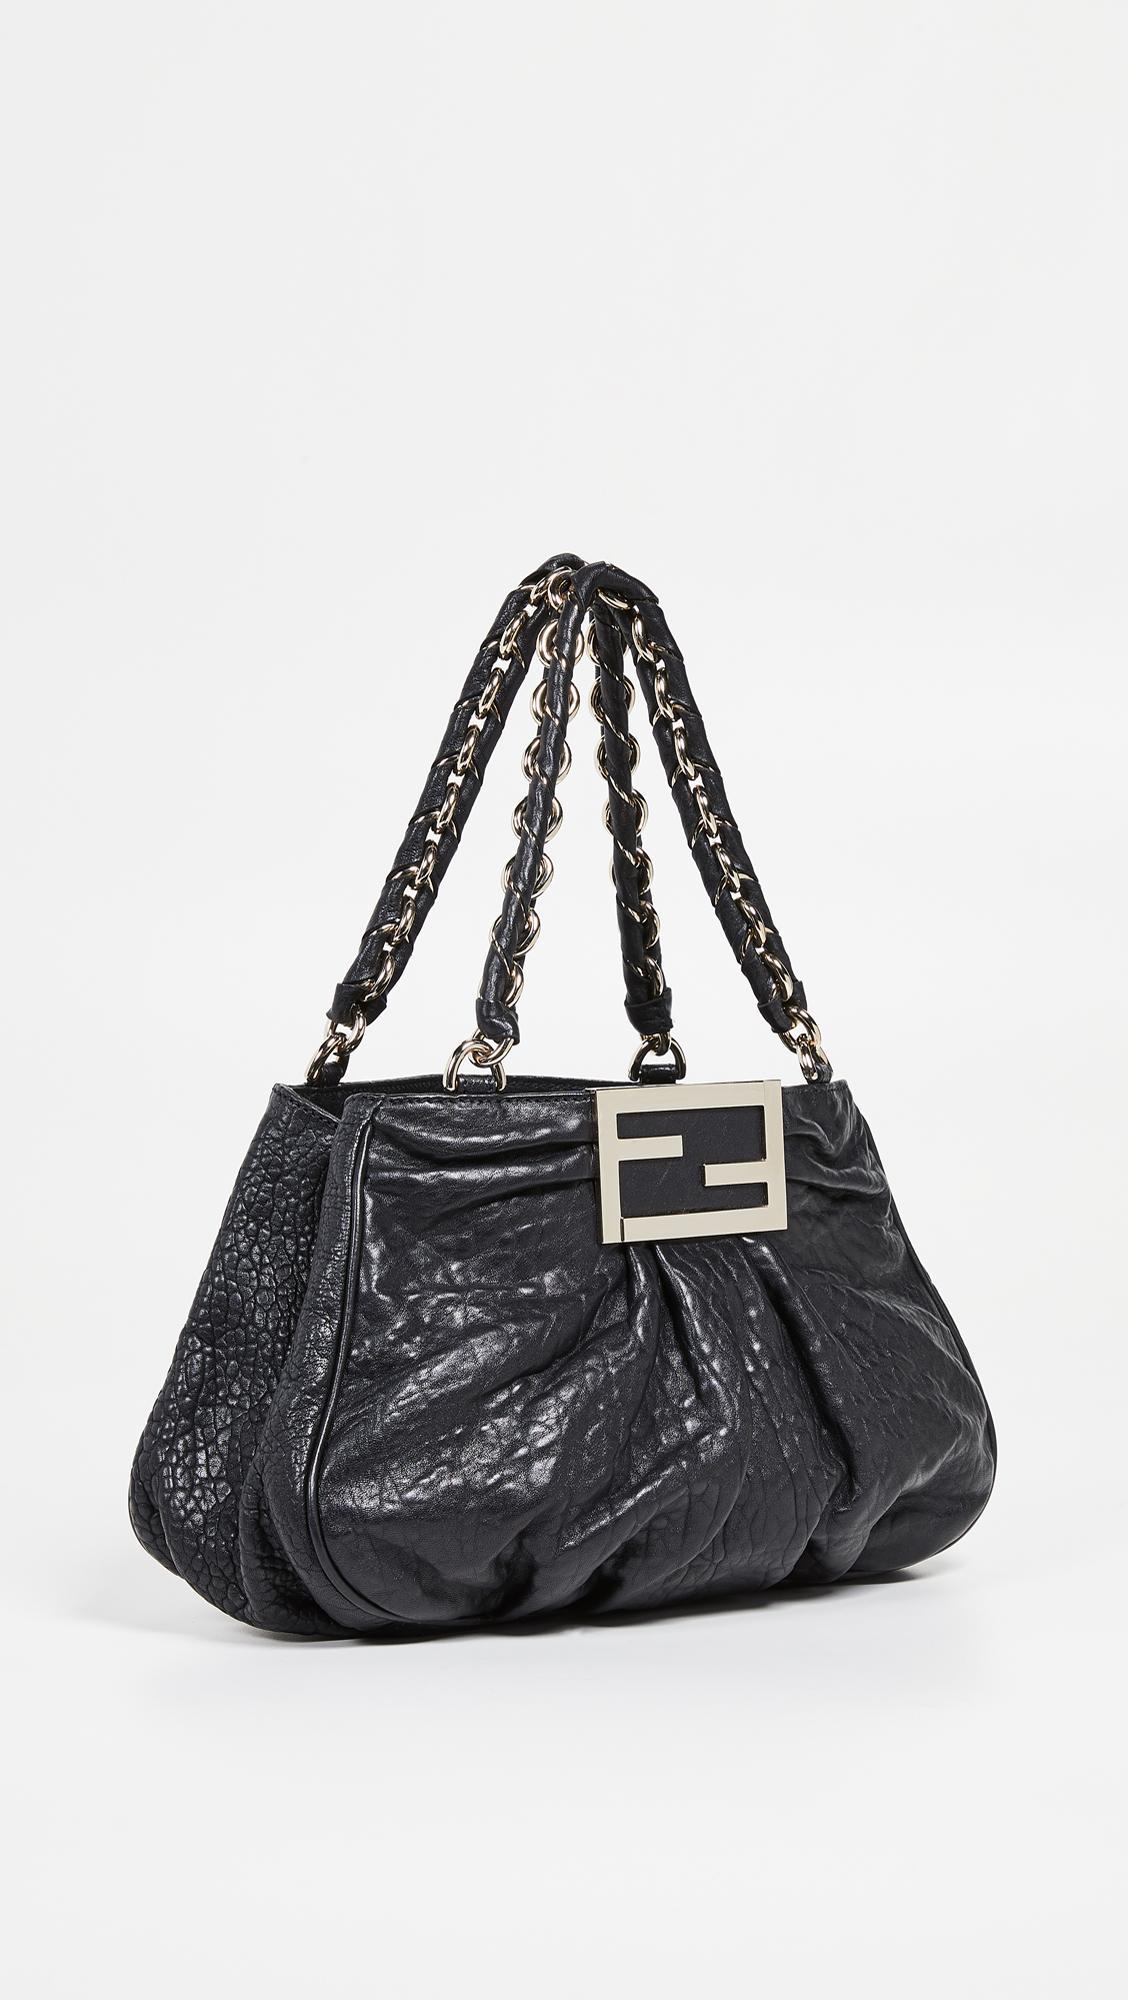 817e15850db1 What Goes Around Comes Around Fendi Small Mia Bag in Black - Lyst